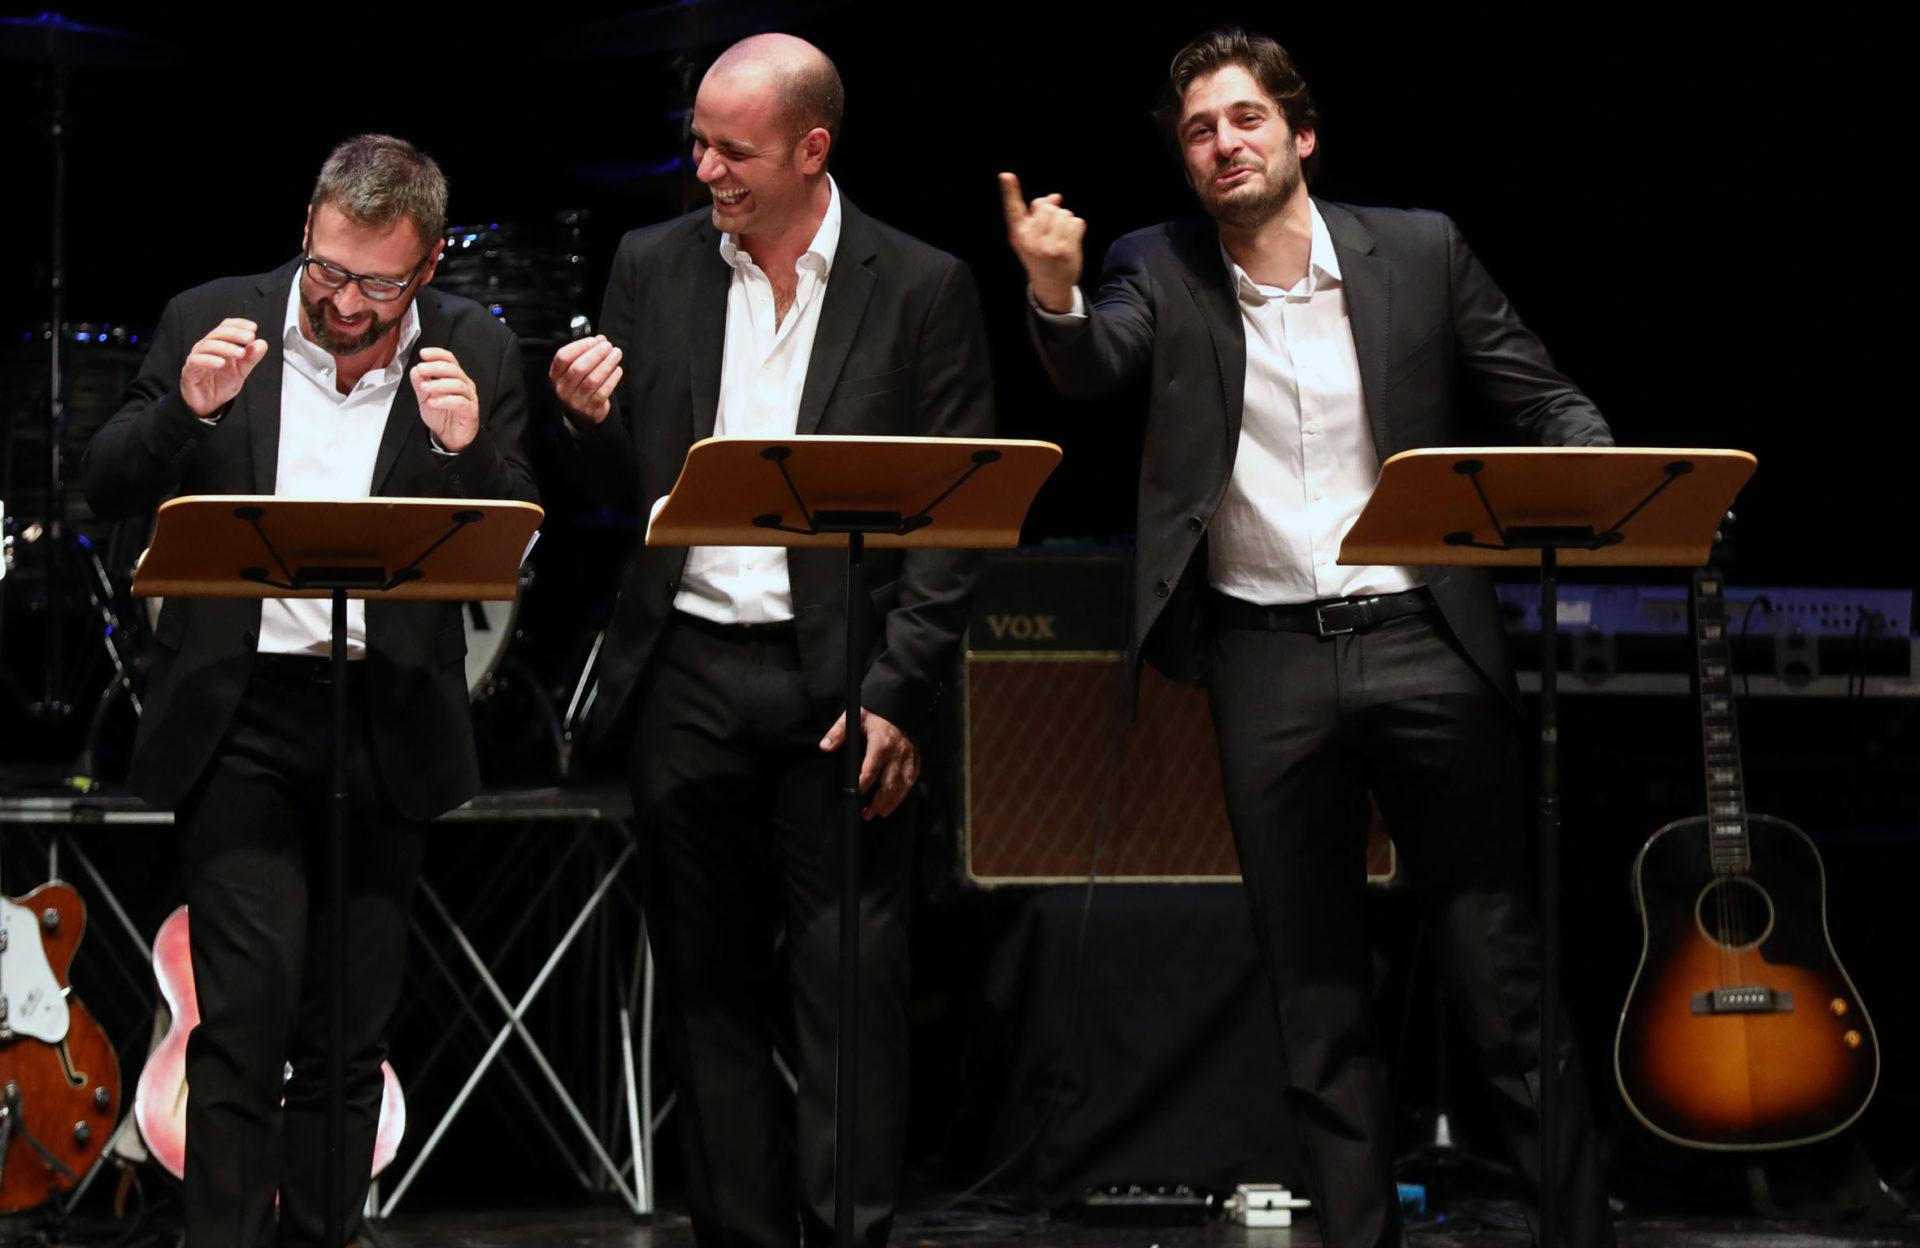 Nicola Bortolotti, Michele Dell'Utri e Lino Guanciale Immagina John Lennon - Poesia Festival '17 photo © Serena Campanini